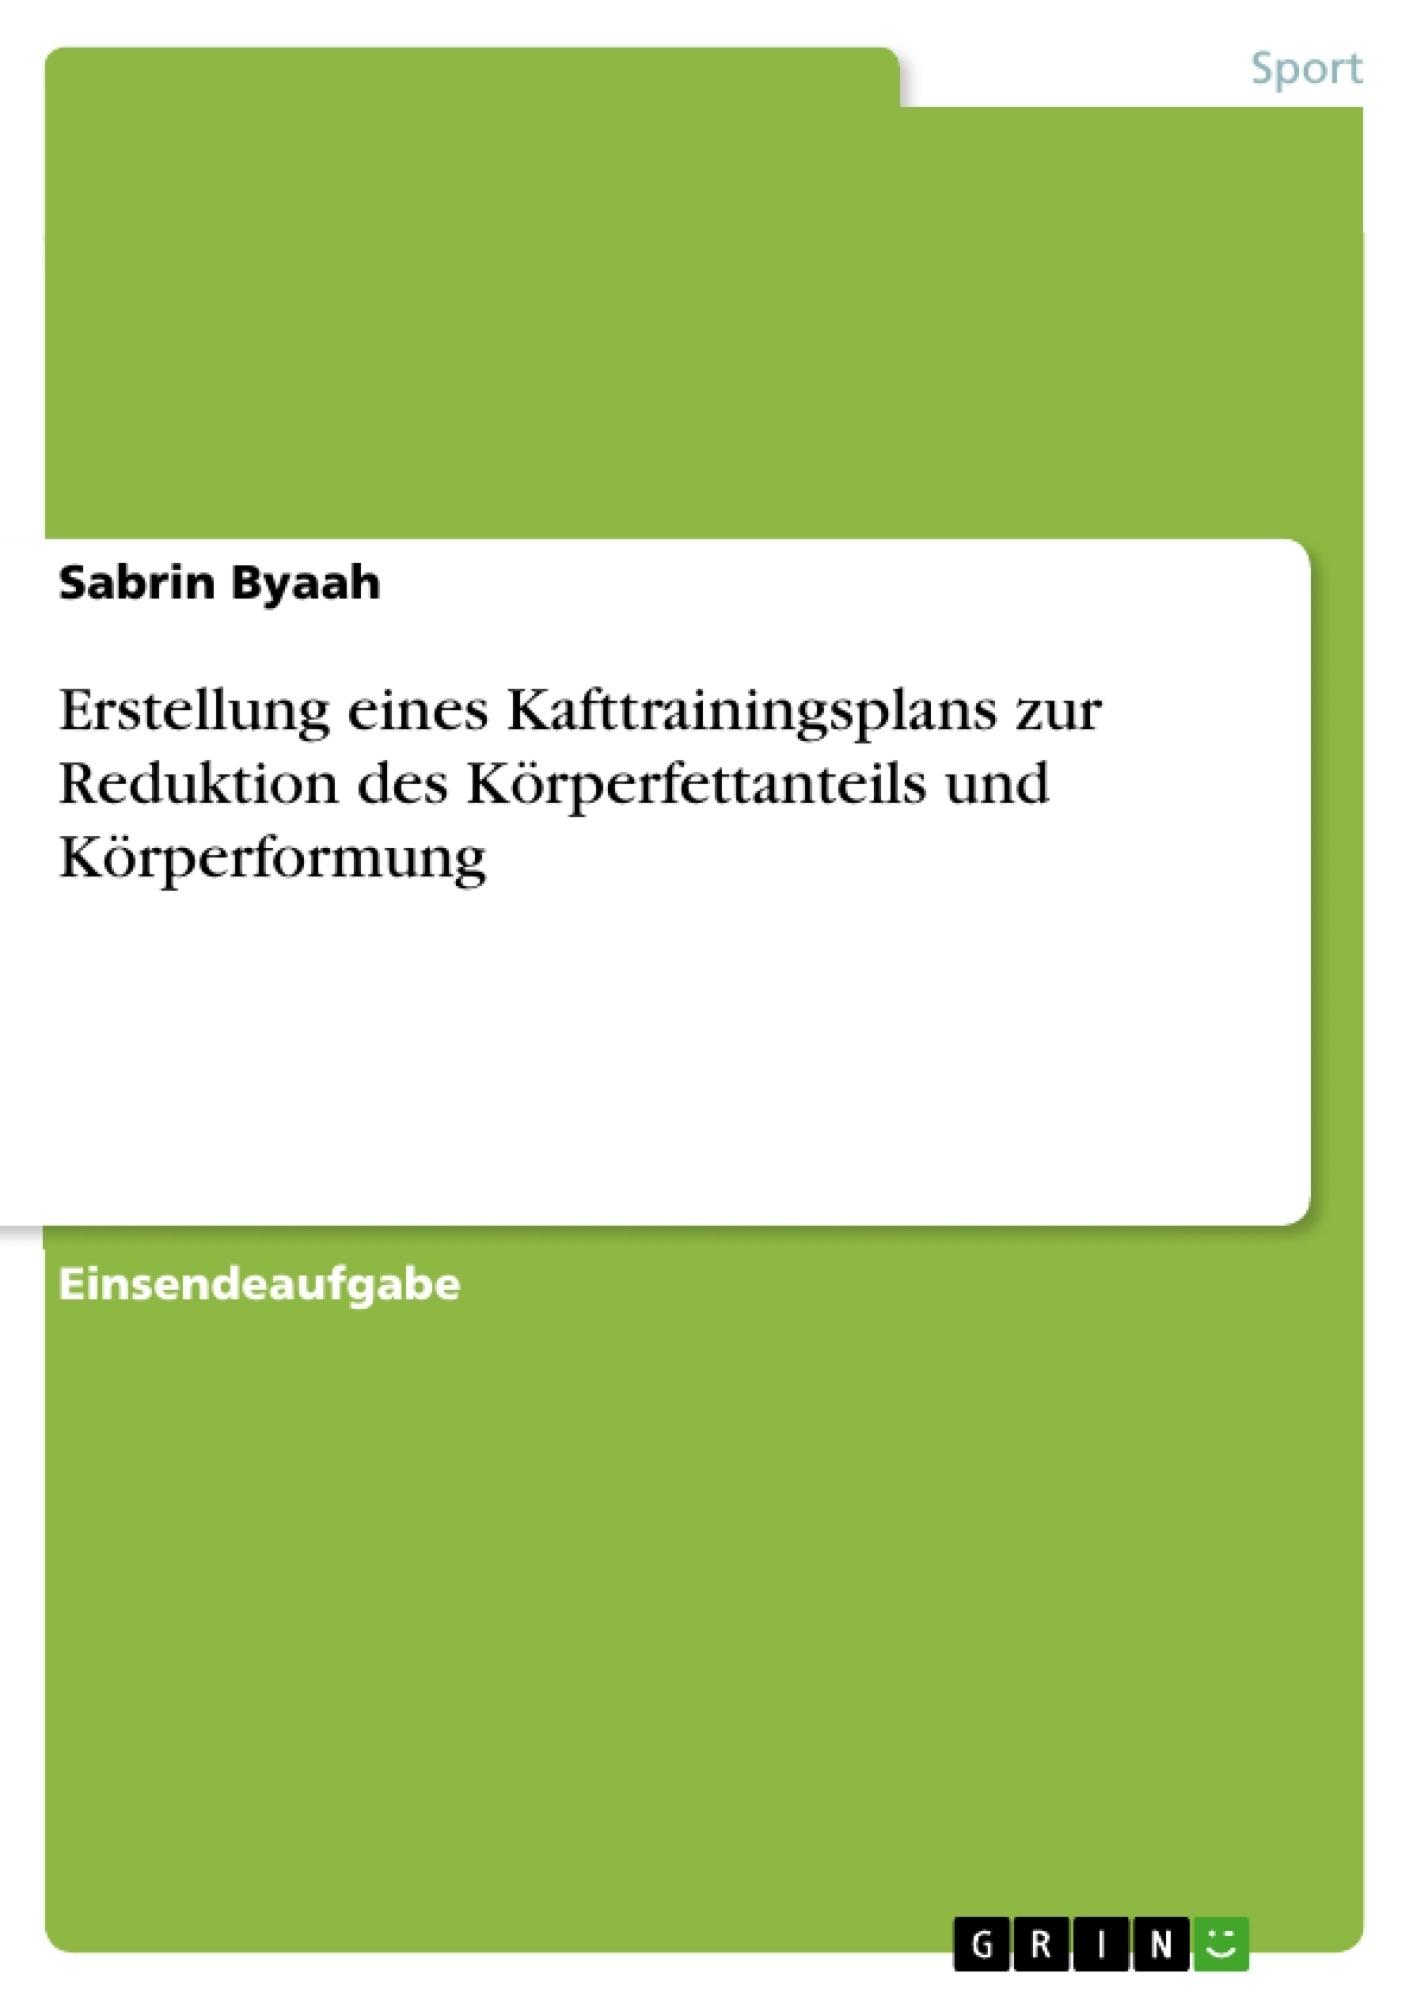 Titel: Erstellung eines Kafttrainingsplans zur Reduktion des Körperfettanteils und Körperformung